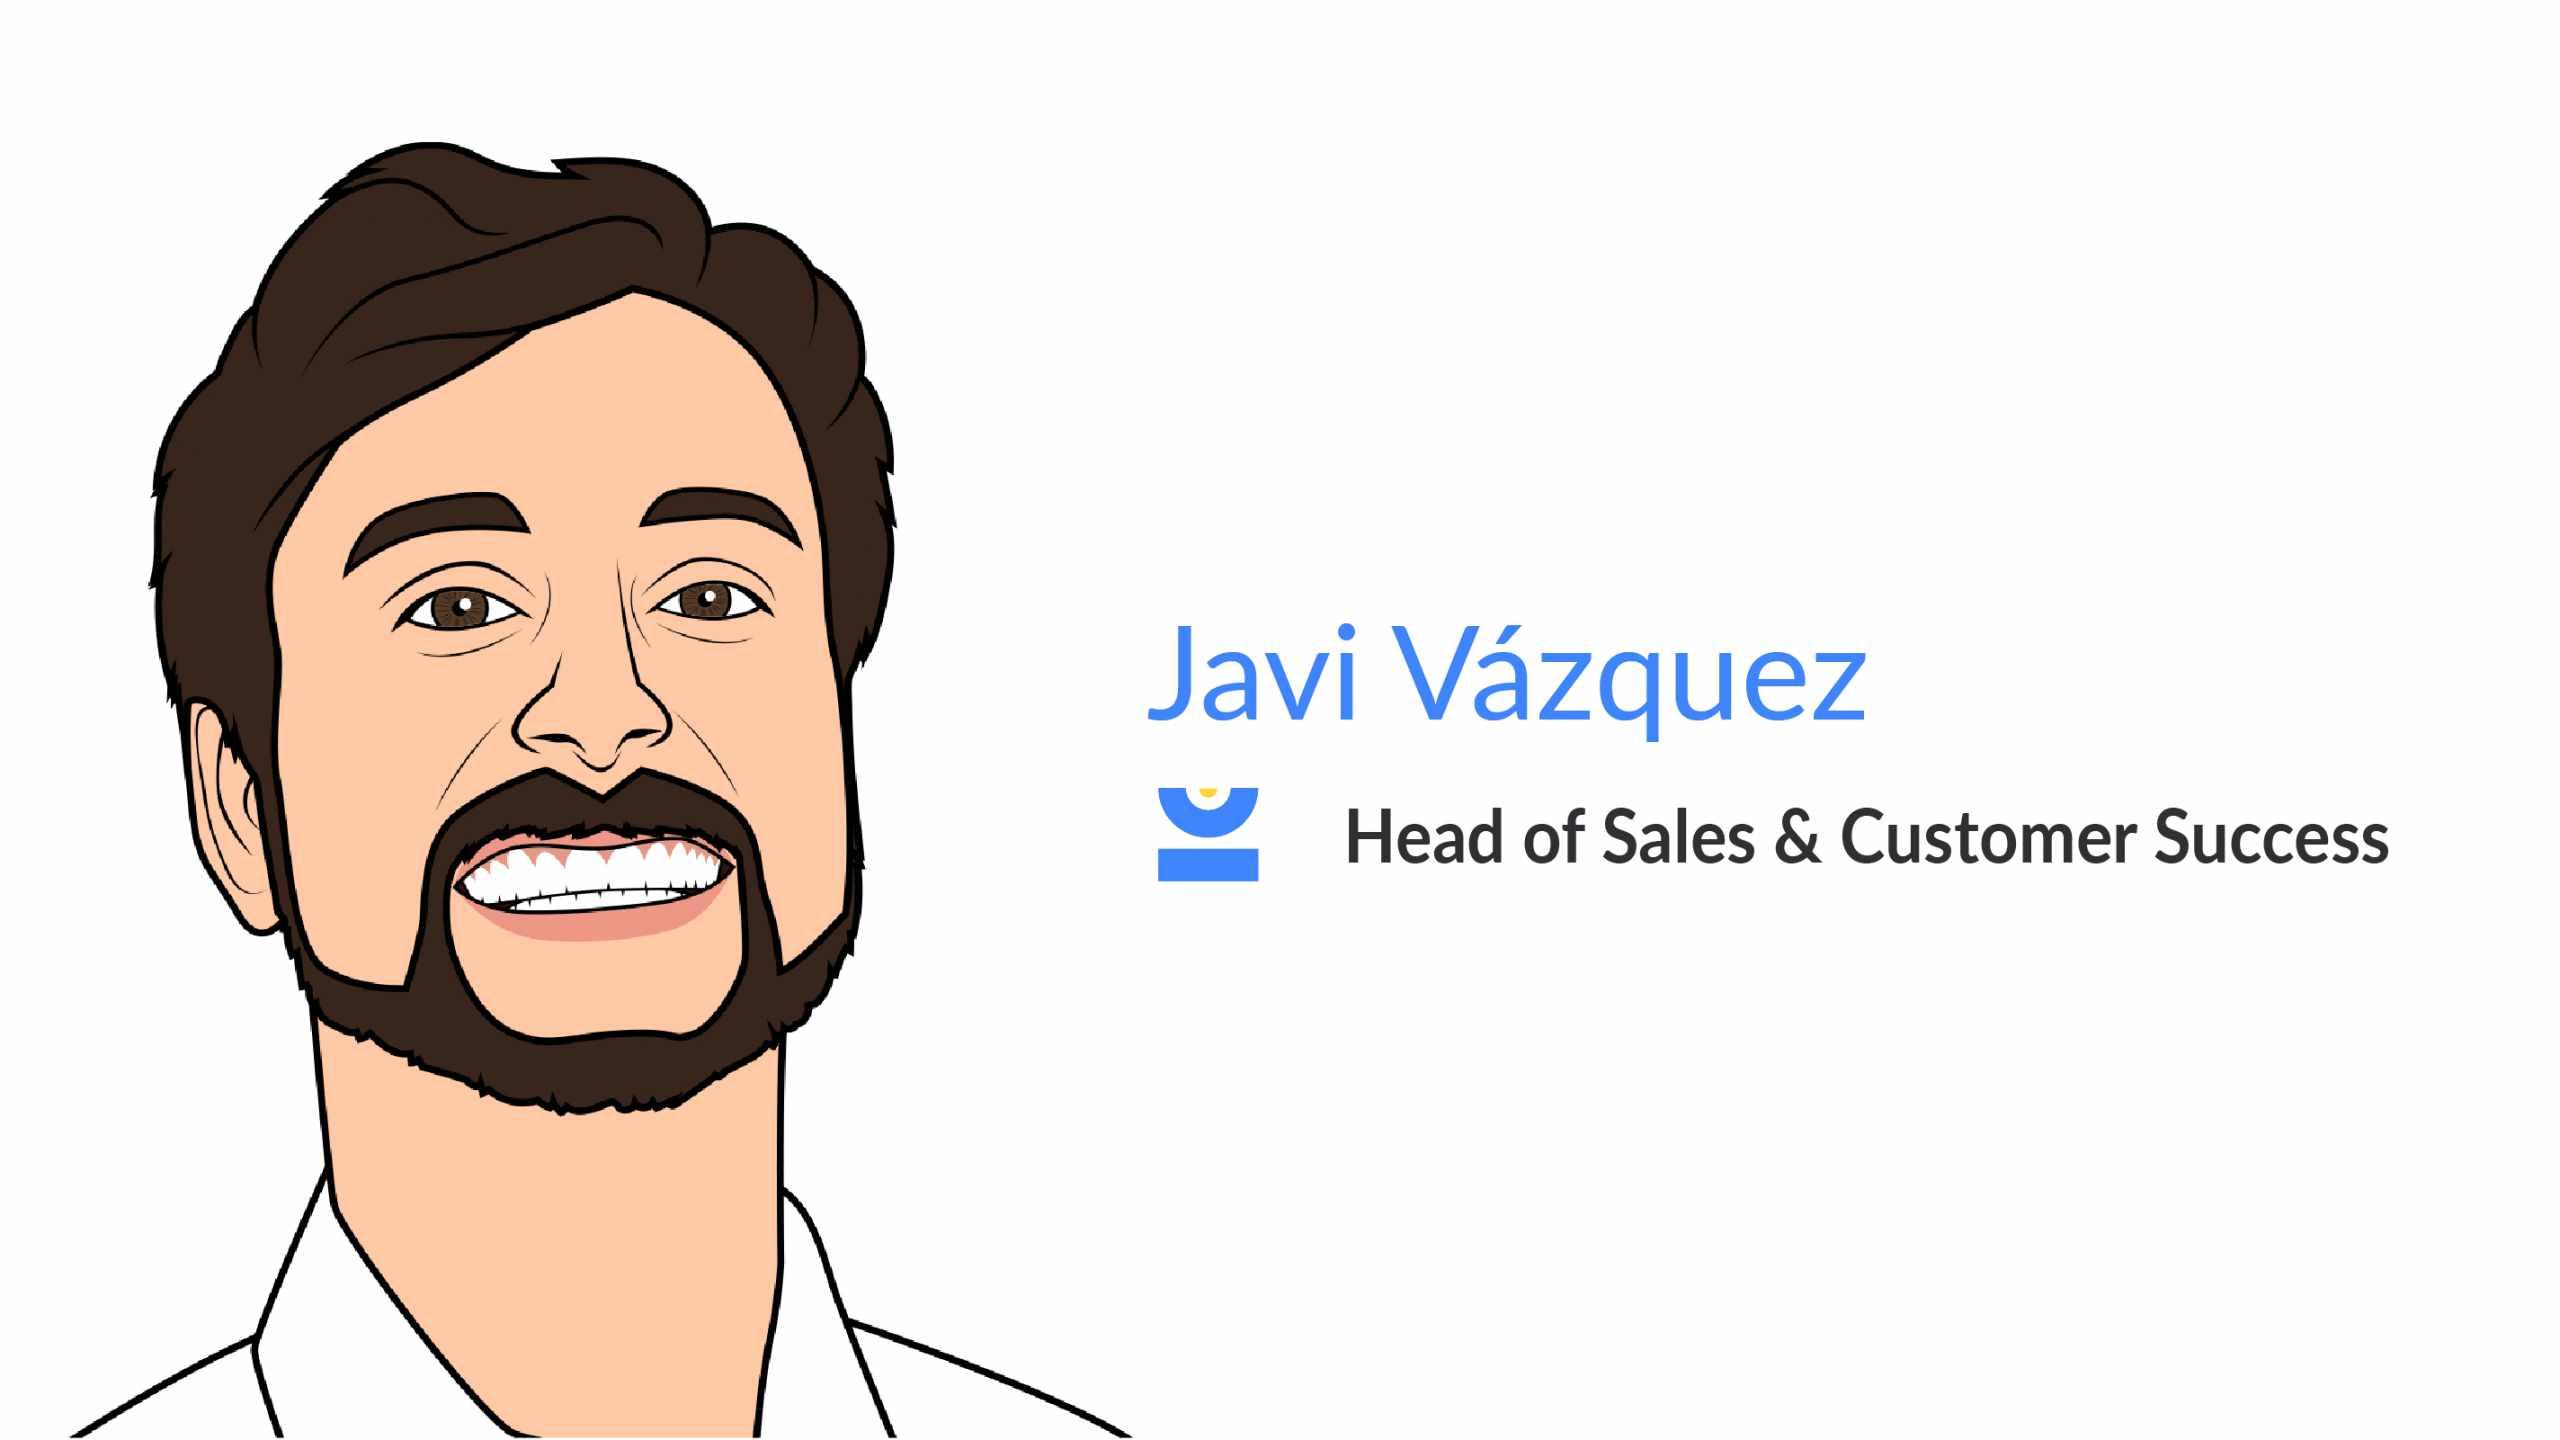 Javi Vázquez. Head of Sales